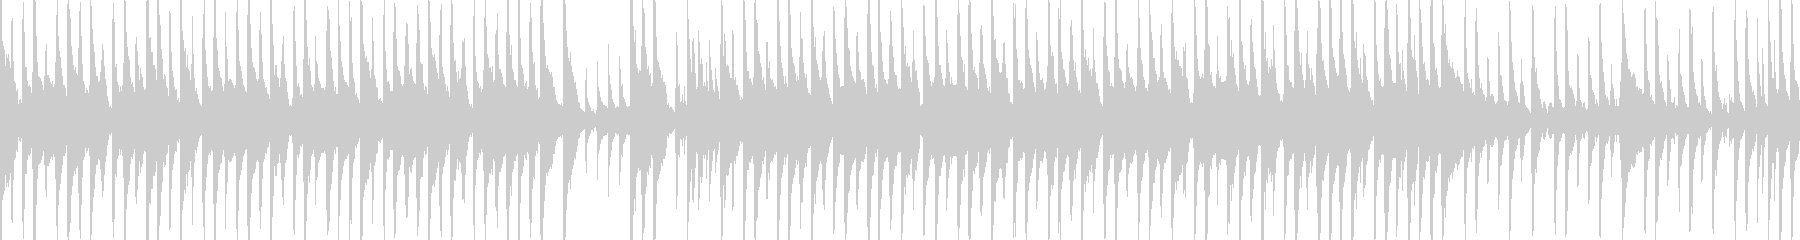 ウクレレ、アコースティックギター、...の未再生の波形